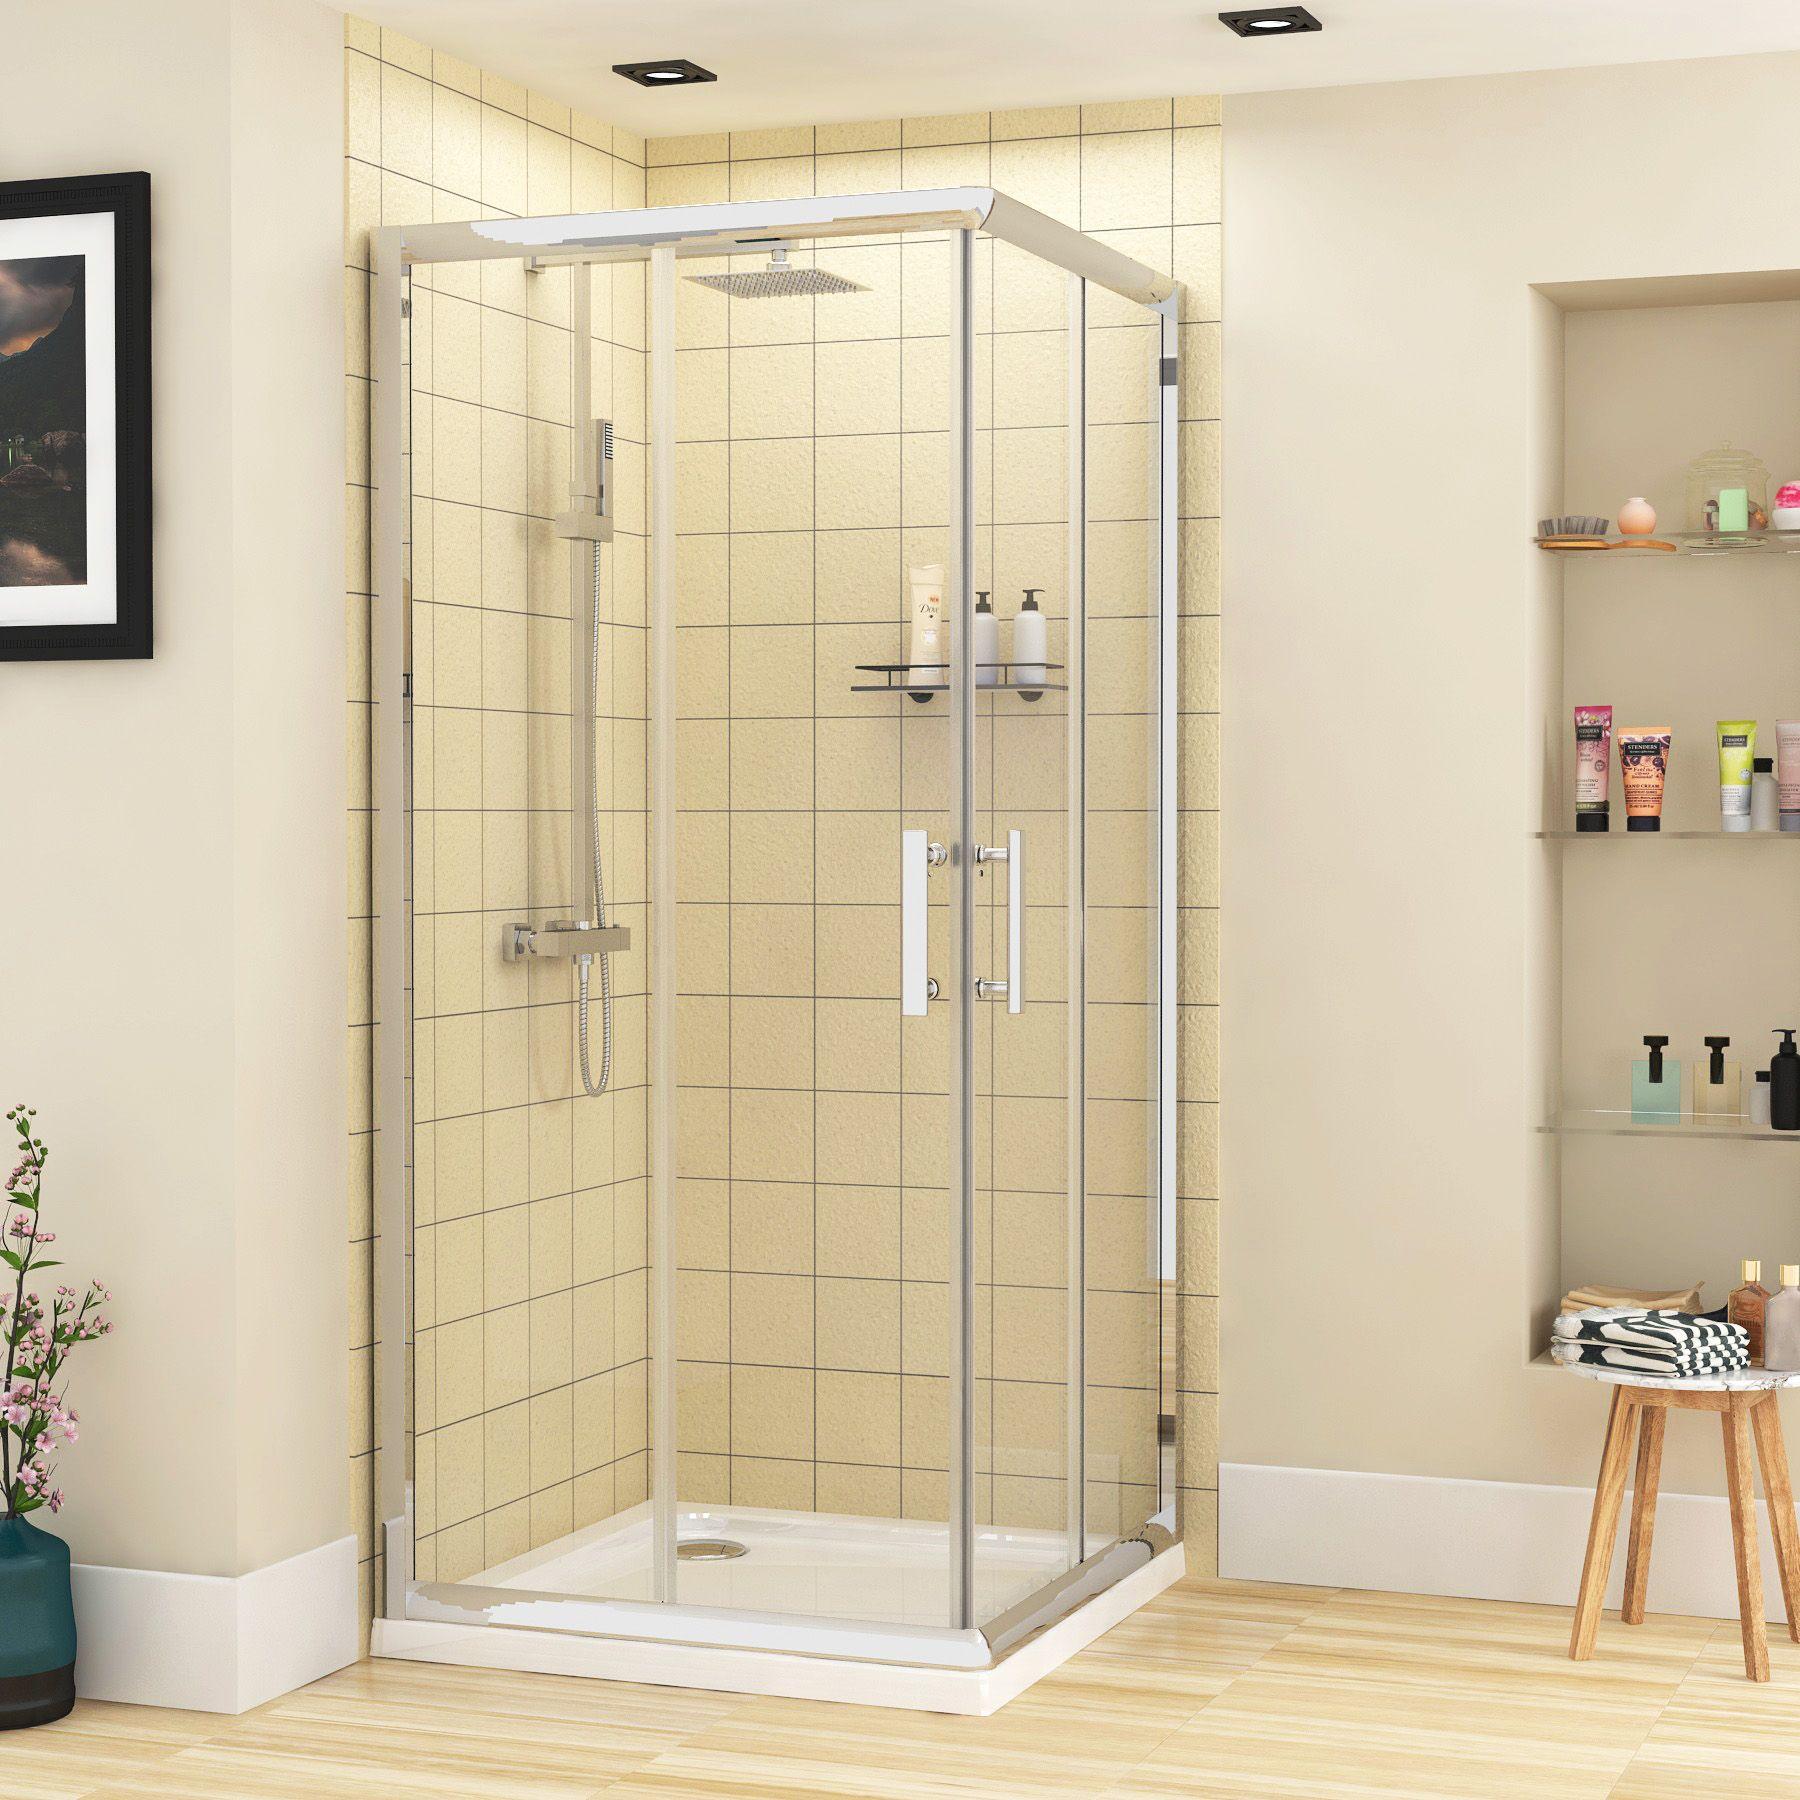 Plaza 6mm Corner Entry Shower Enclosures Various Sizes In 2020 Shower Enclosure Shower Cubicles Sliding Doors